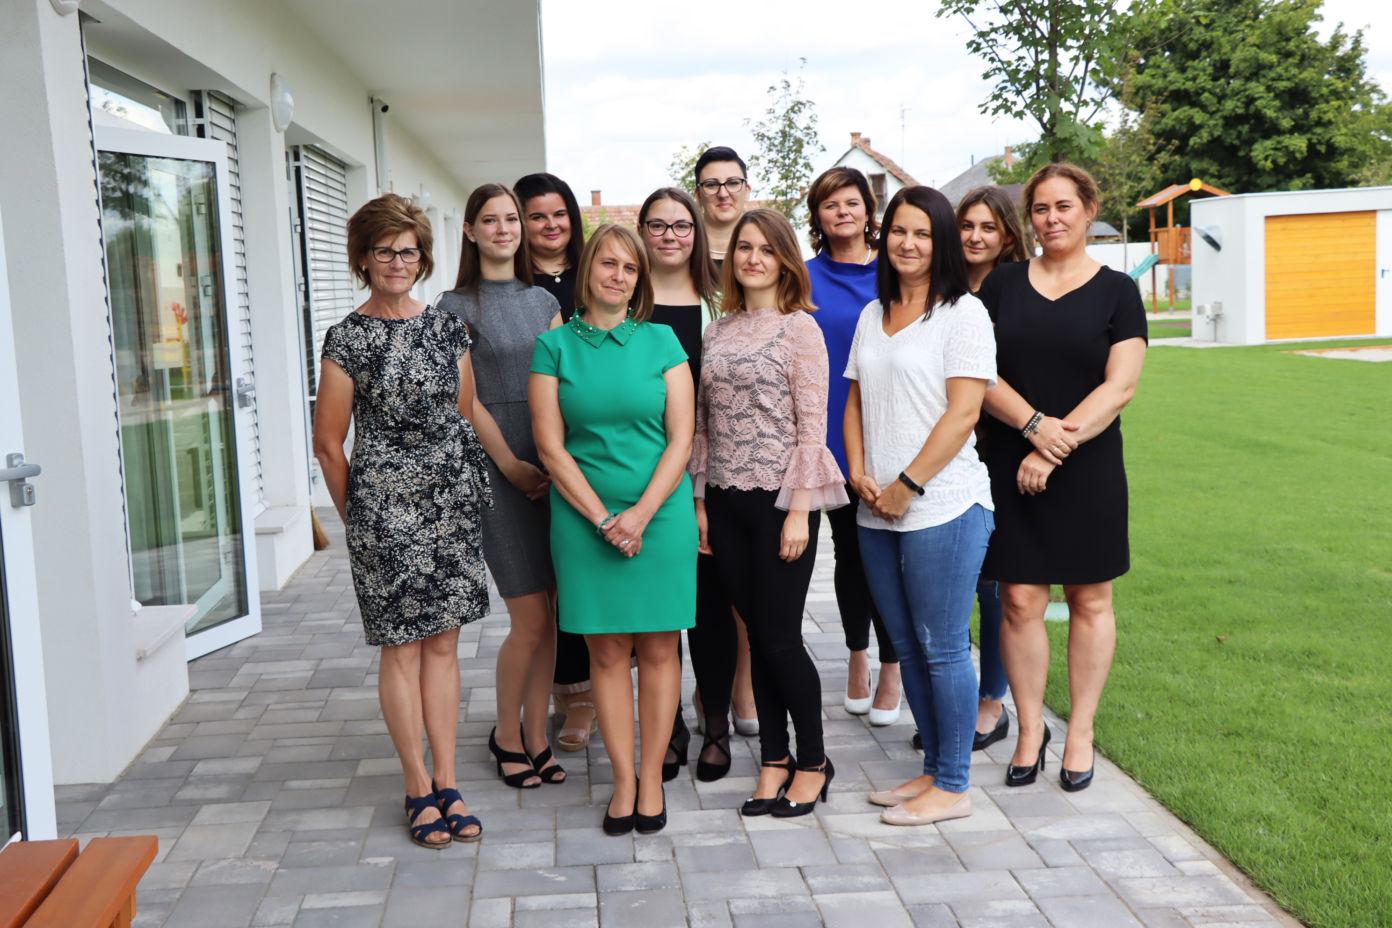 Tanévnyitó értekezlet a Kiskőrösi Óvodáknál — bemutatkoztak az új óvodapedagógusok, dajkák is